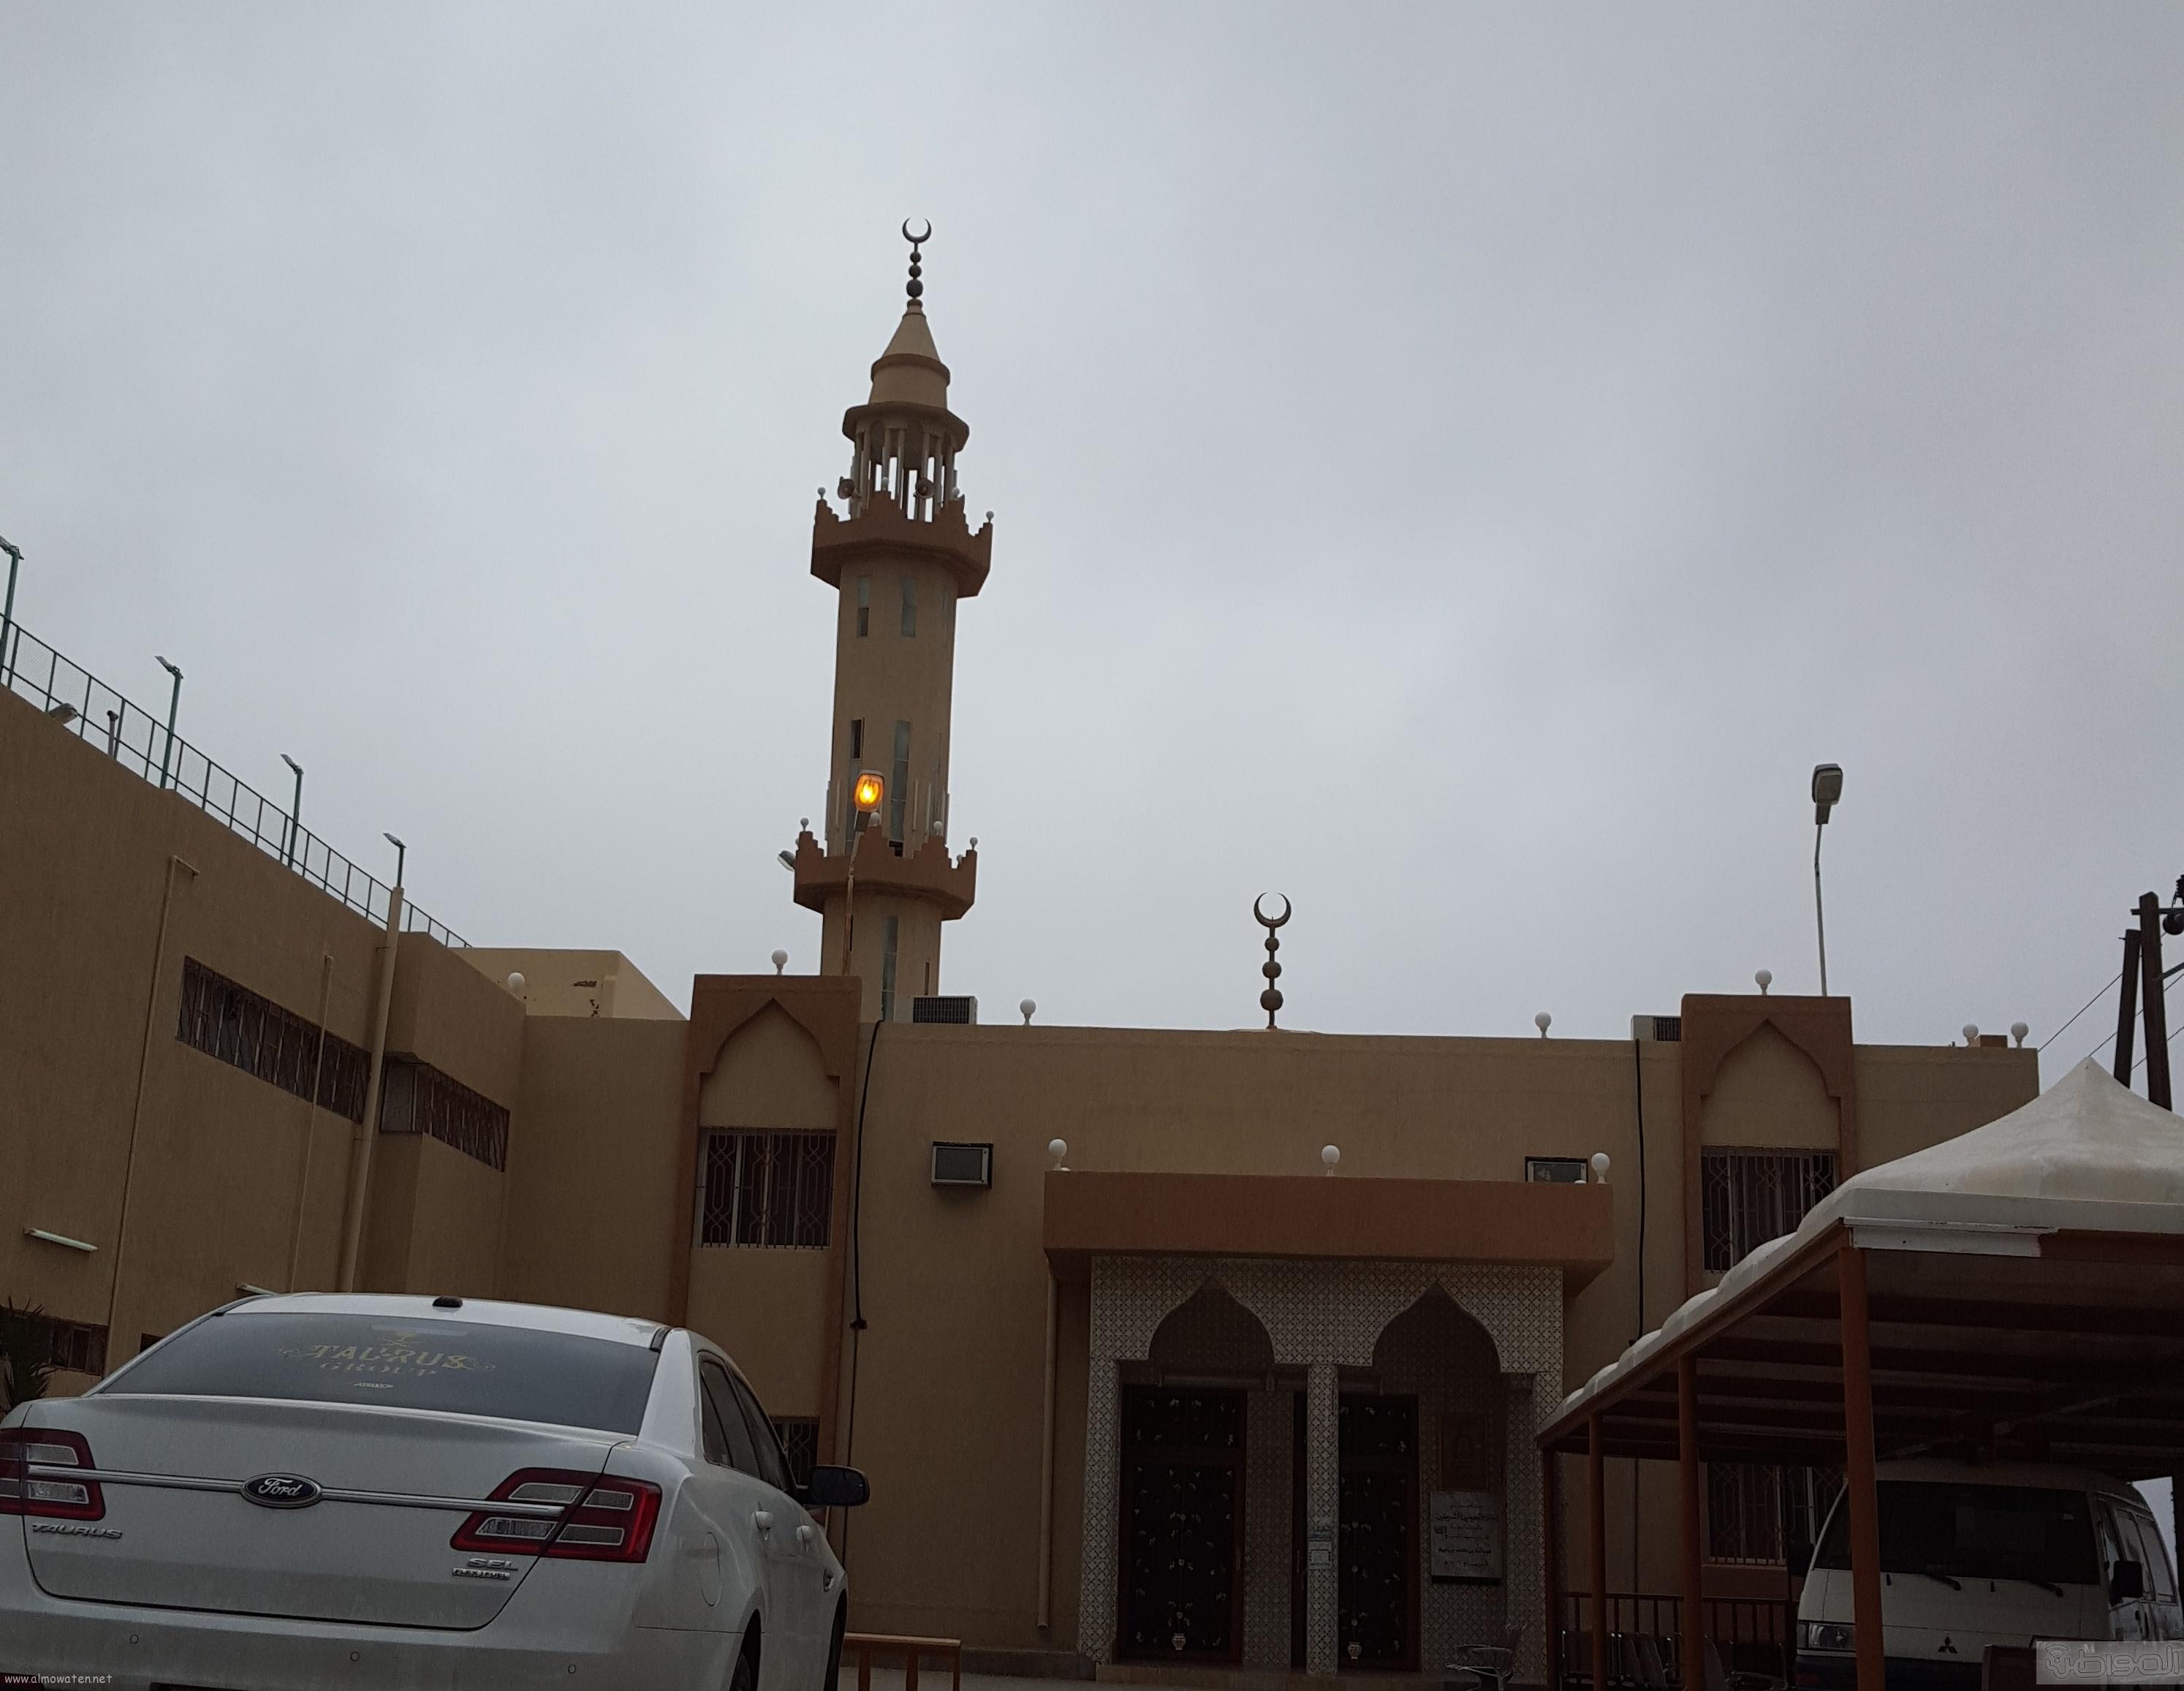 اهالي مفارجة الباحة يشكون من انحراف قبلة مسجد القرية (4)